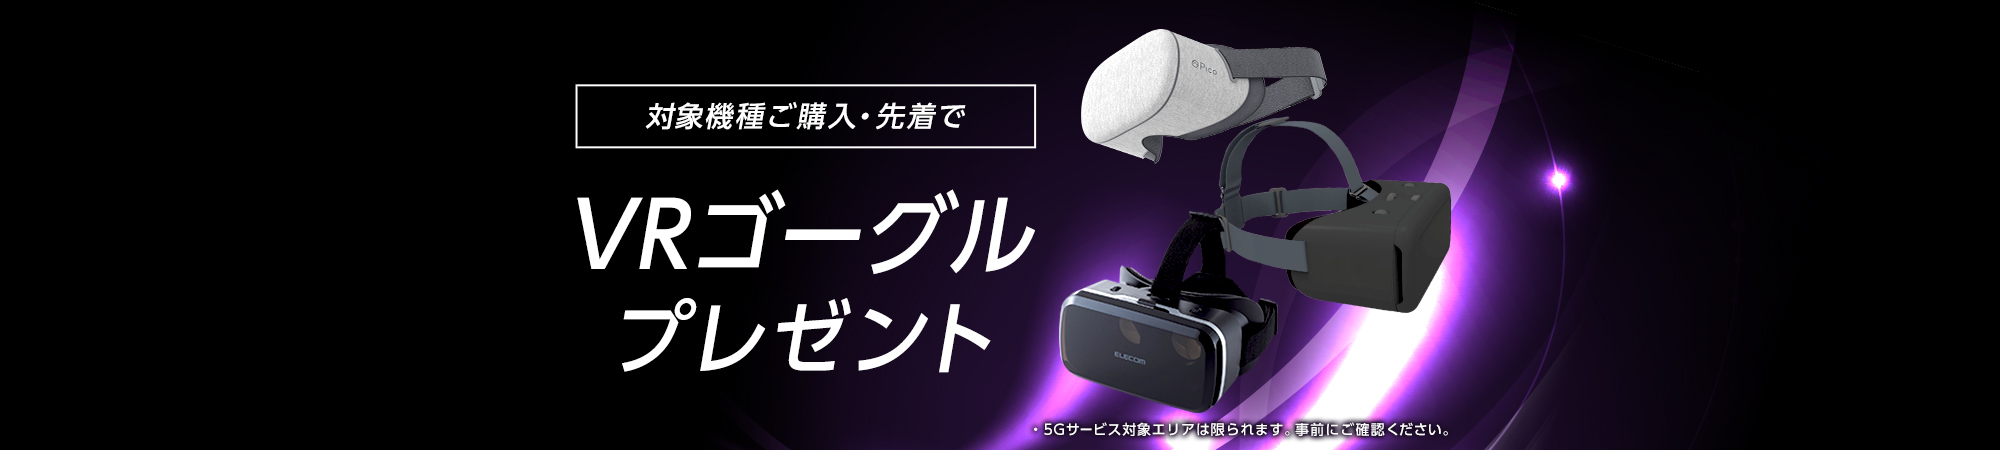 5Gスマホを買って VRゴーグルもらおうキャンペーン